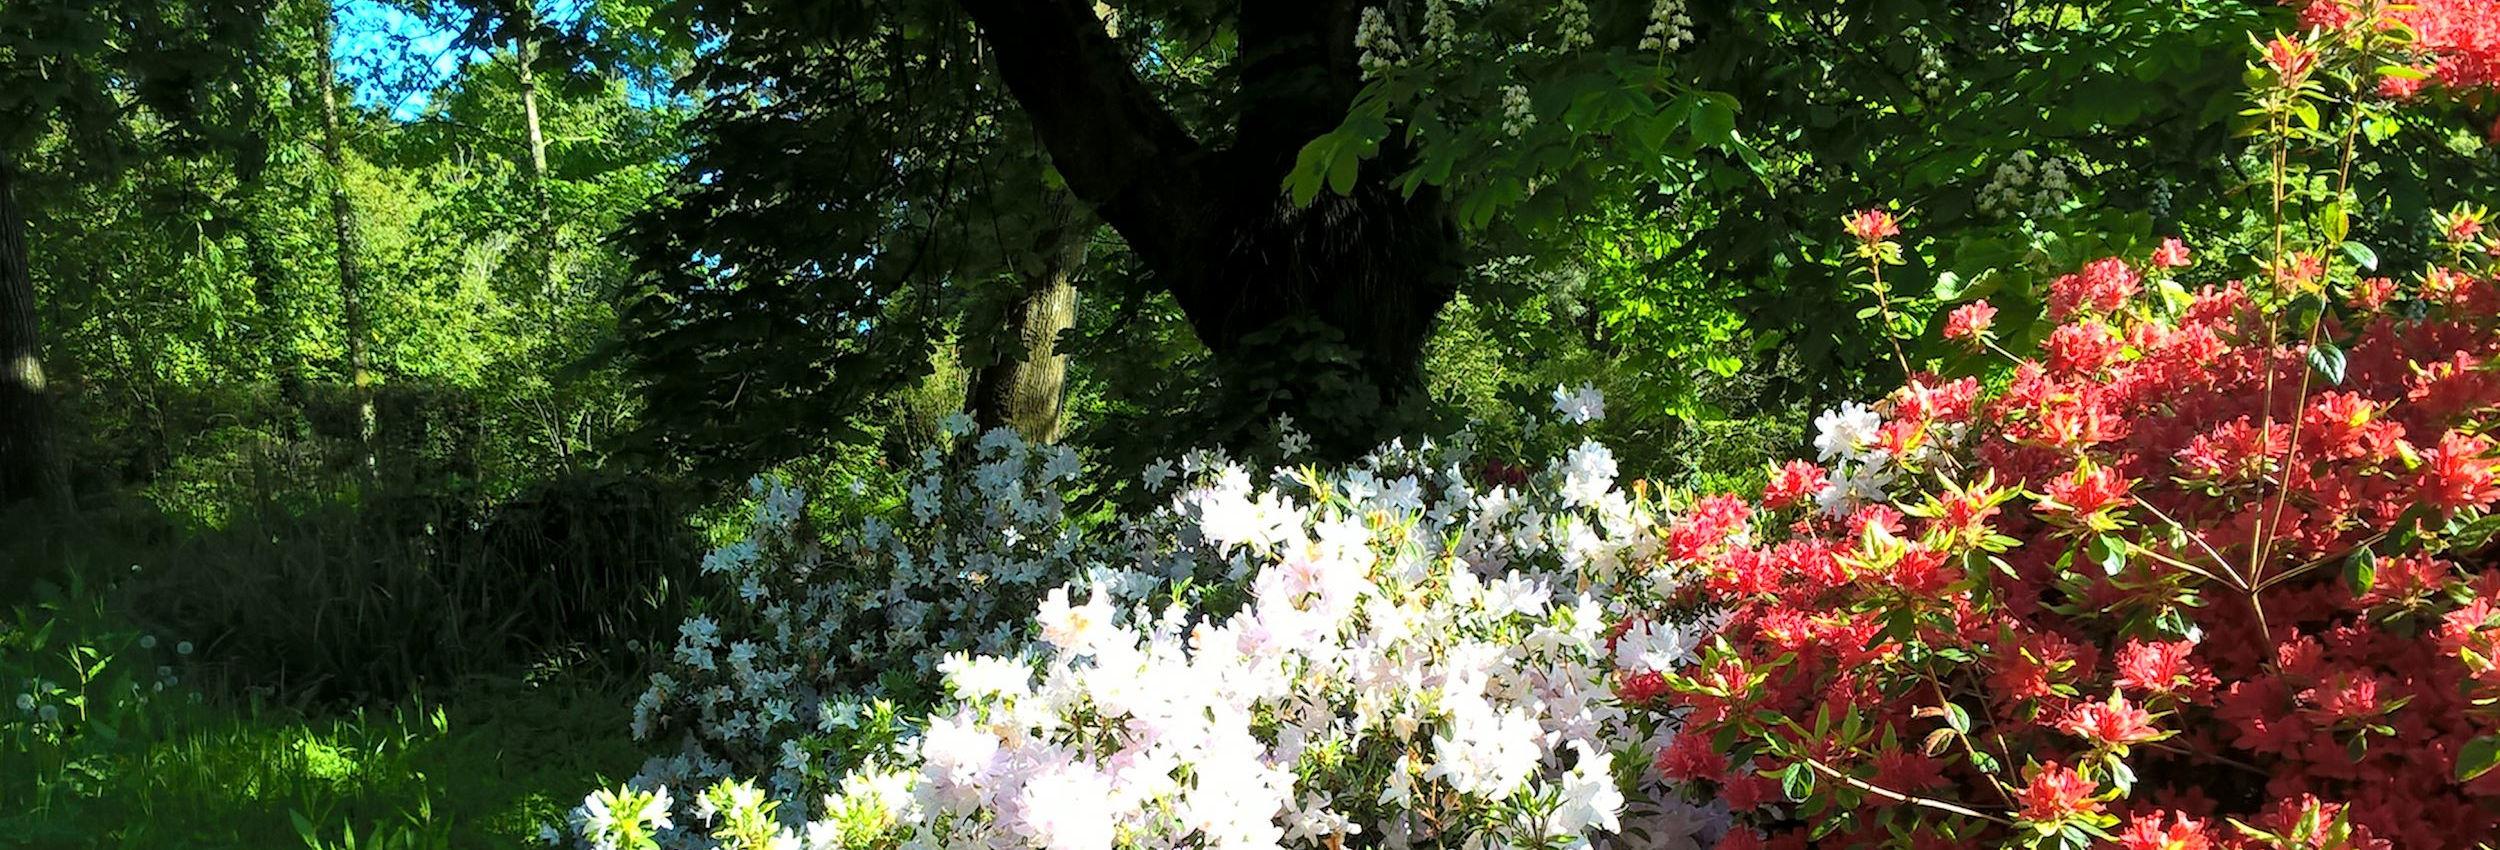 garden-banner-02